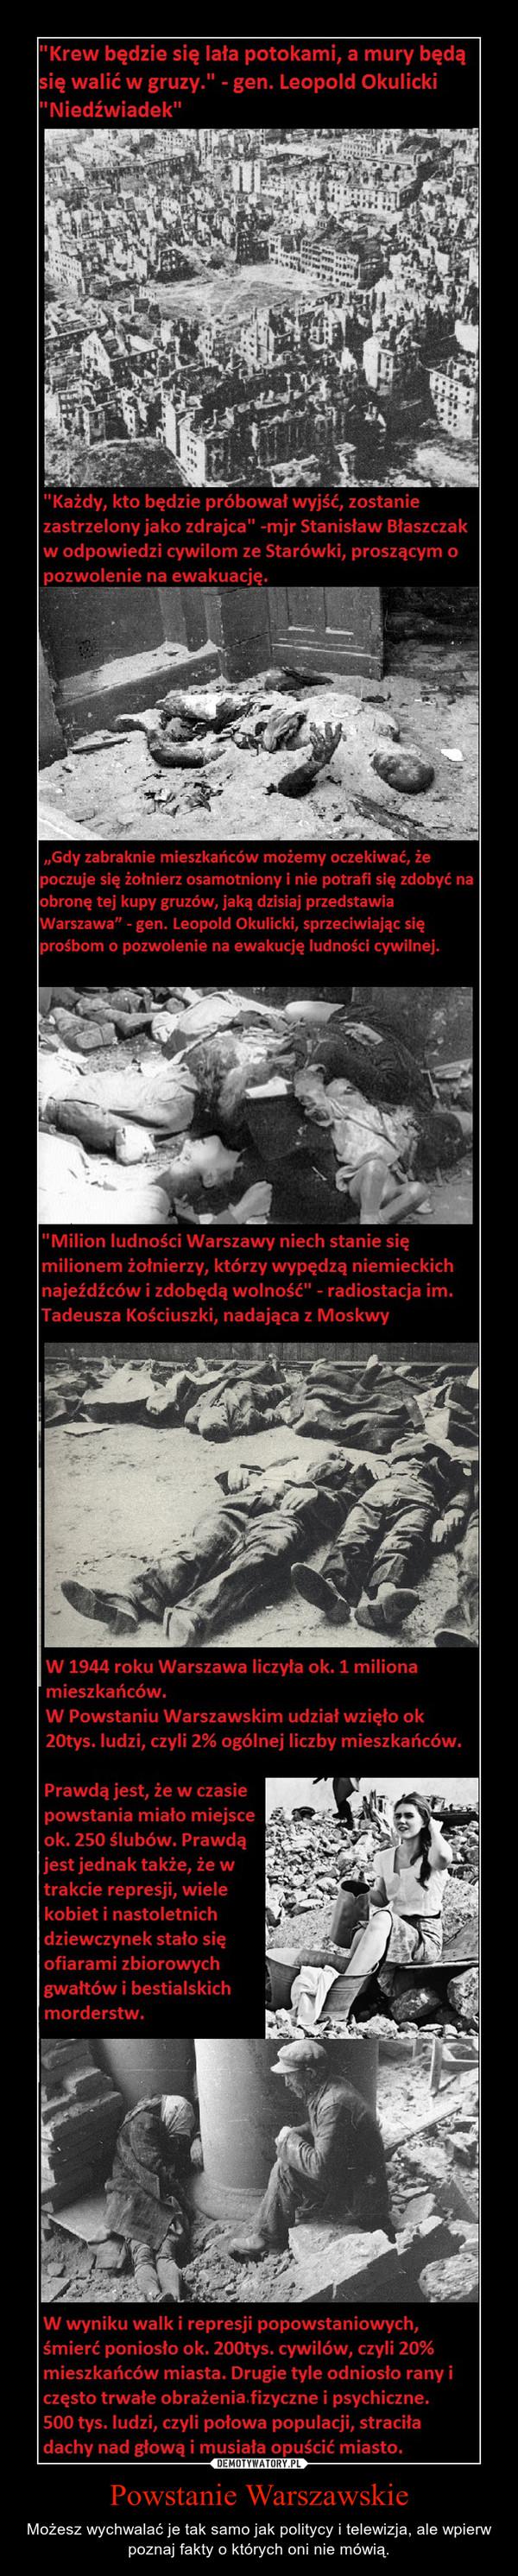 Powstanie Warszawskie – Możesz wychwalać je tak samo jak politycy i telewizja, ale wpierw poznaj fakty o których oni nie mówią.